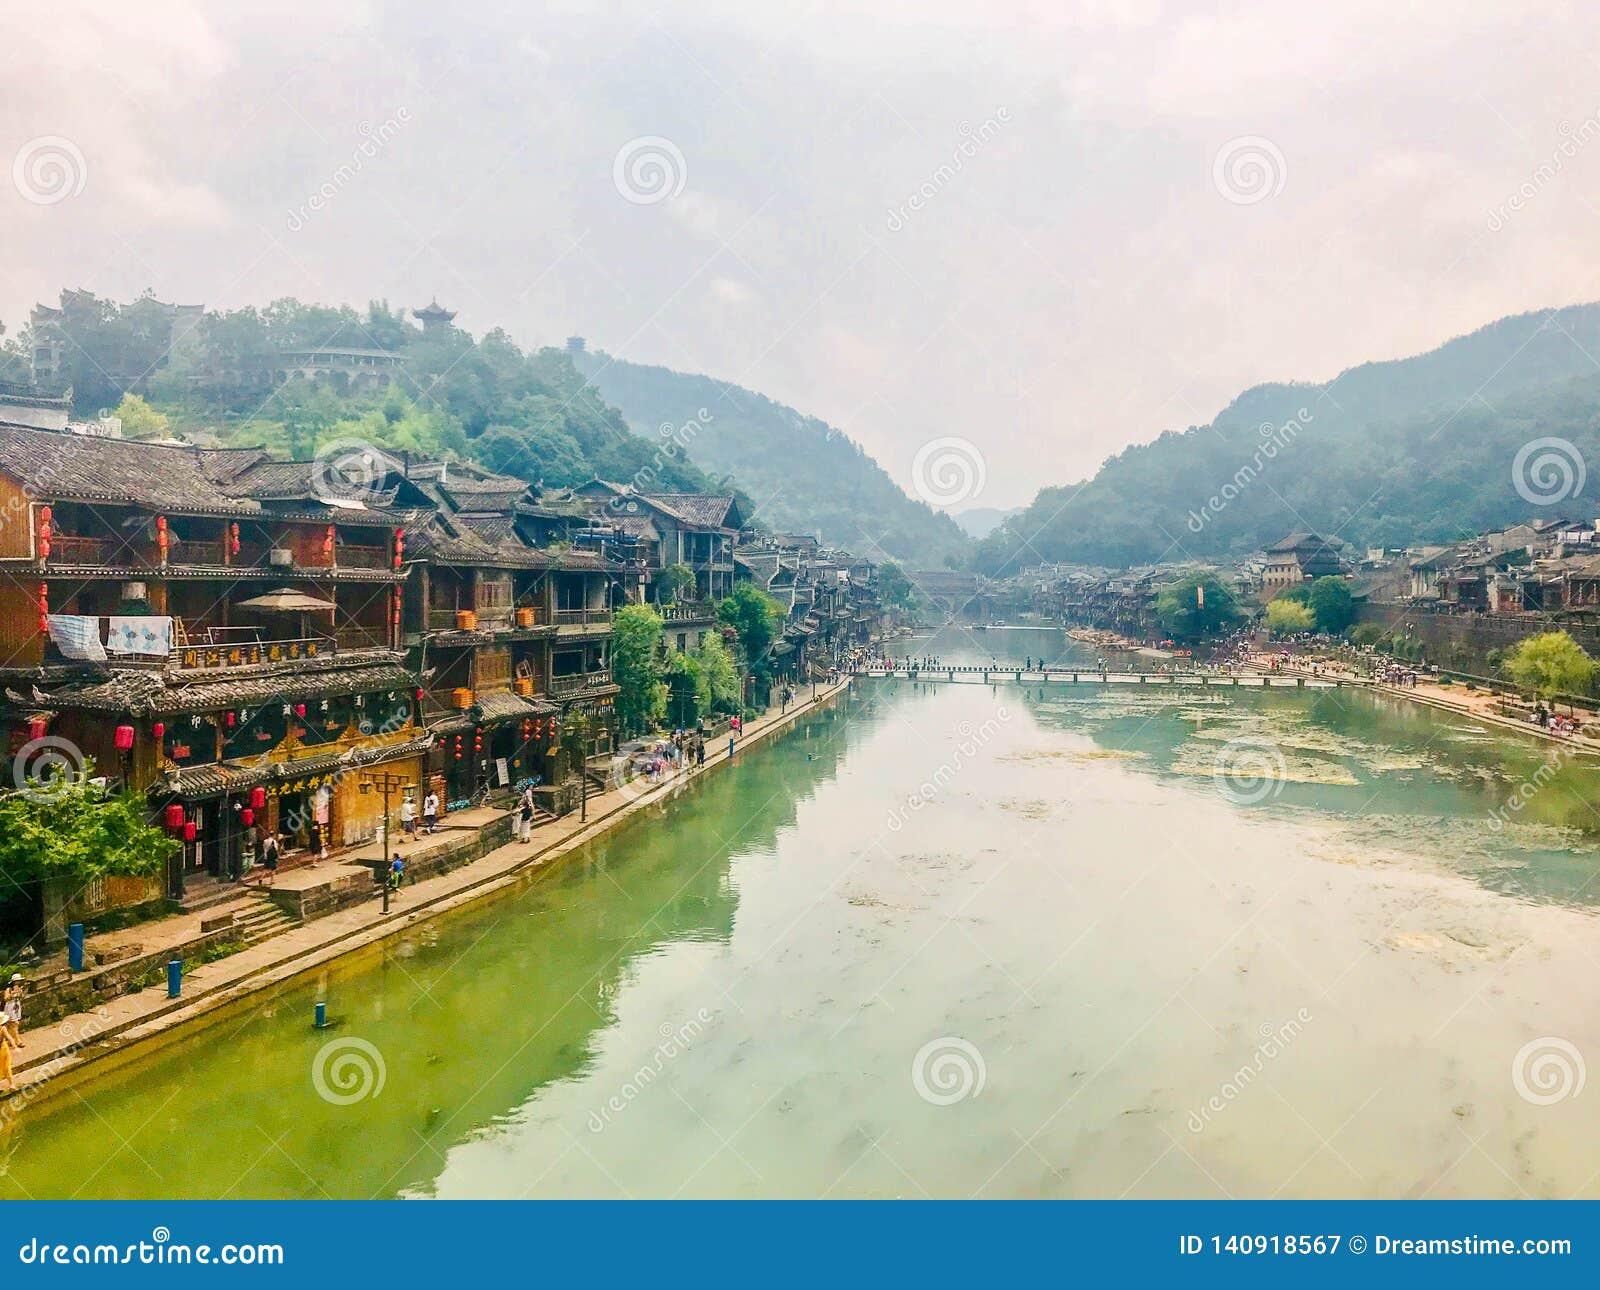 Toneelmening over de straat in een oude Chinese stad, Fenghuang, China